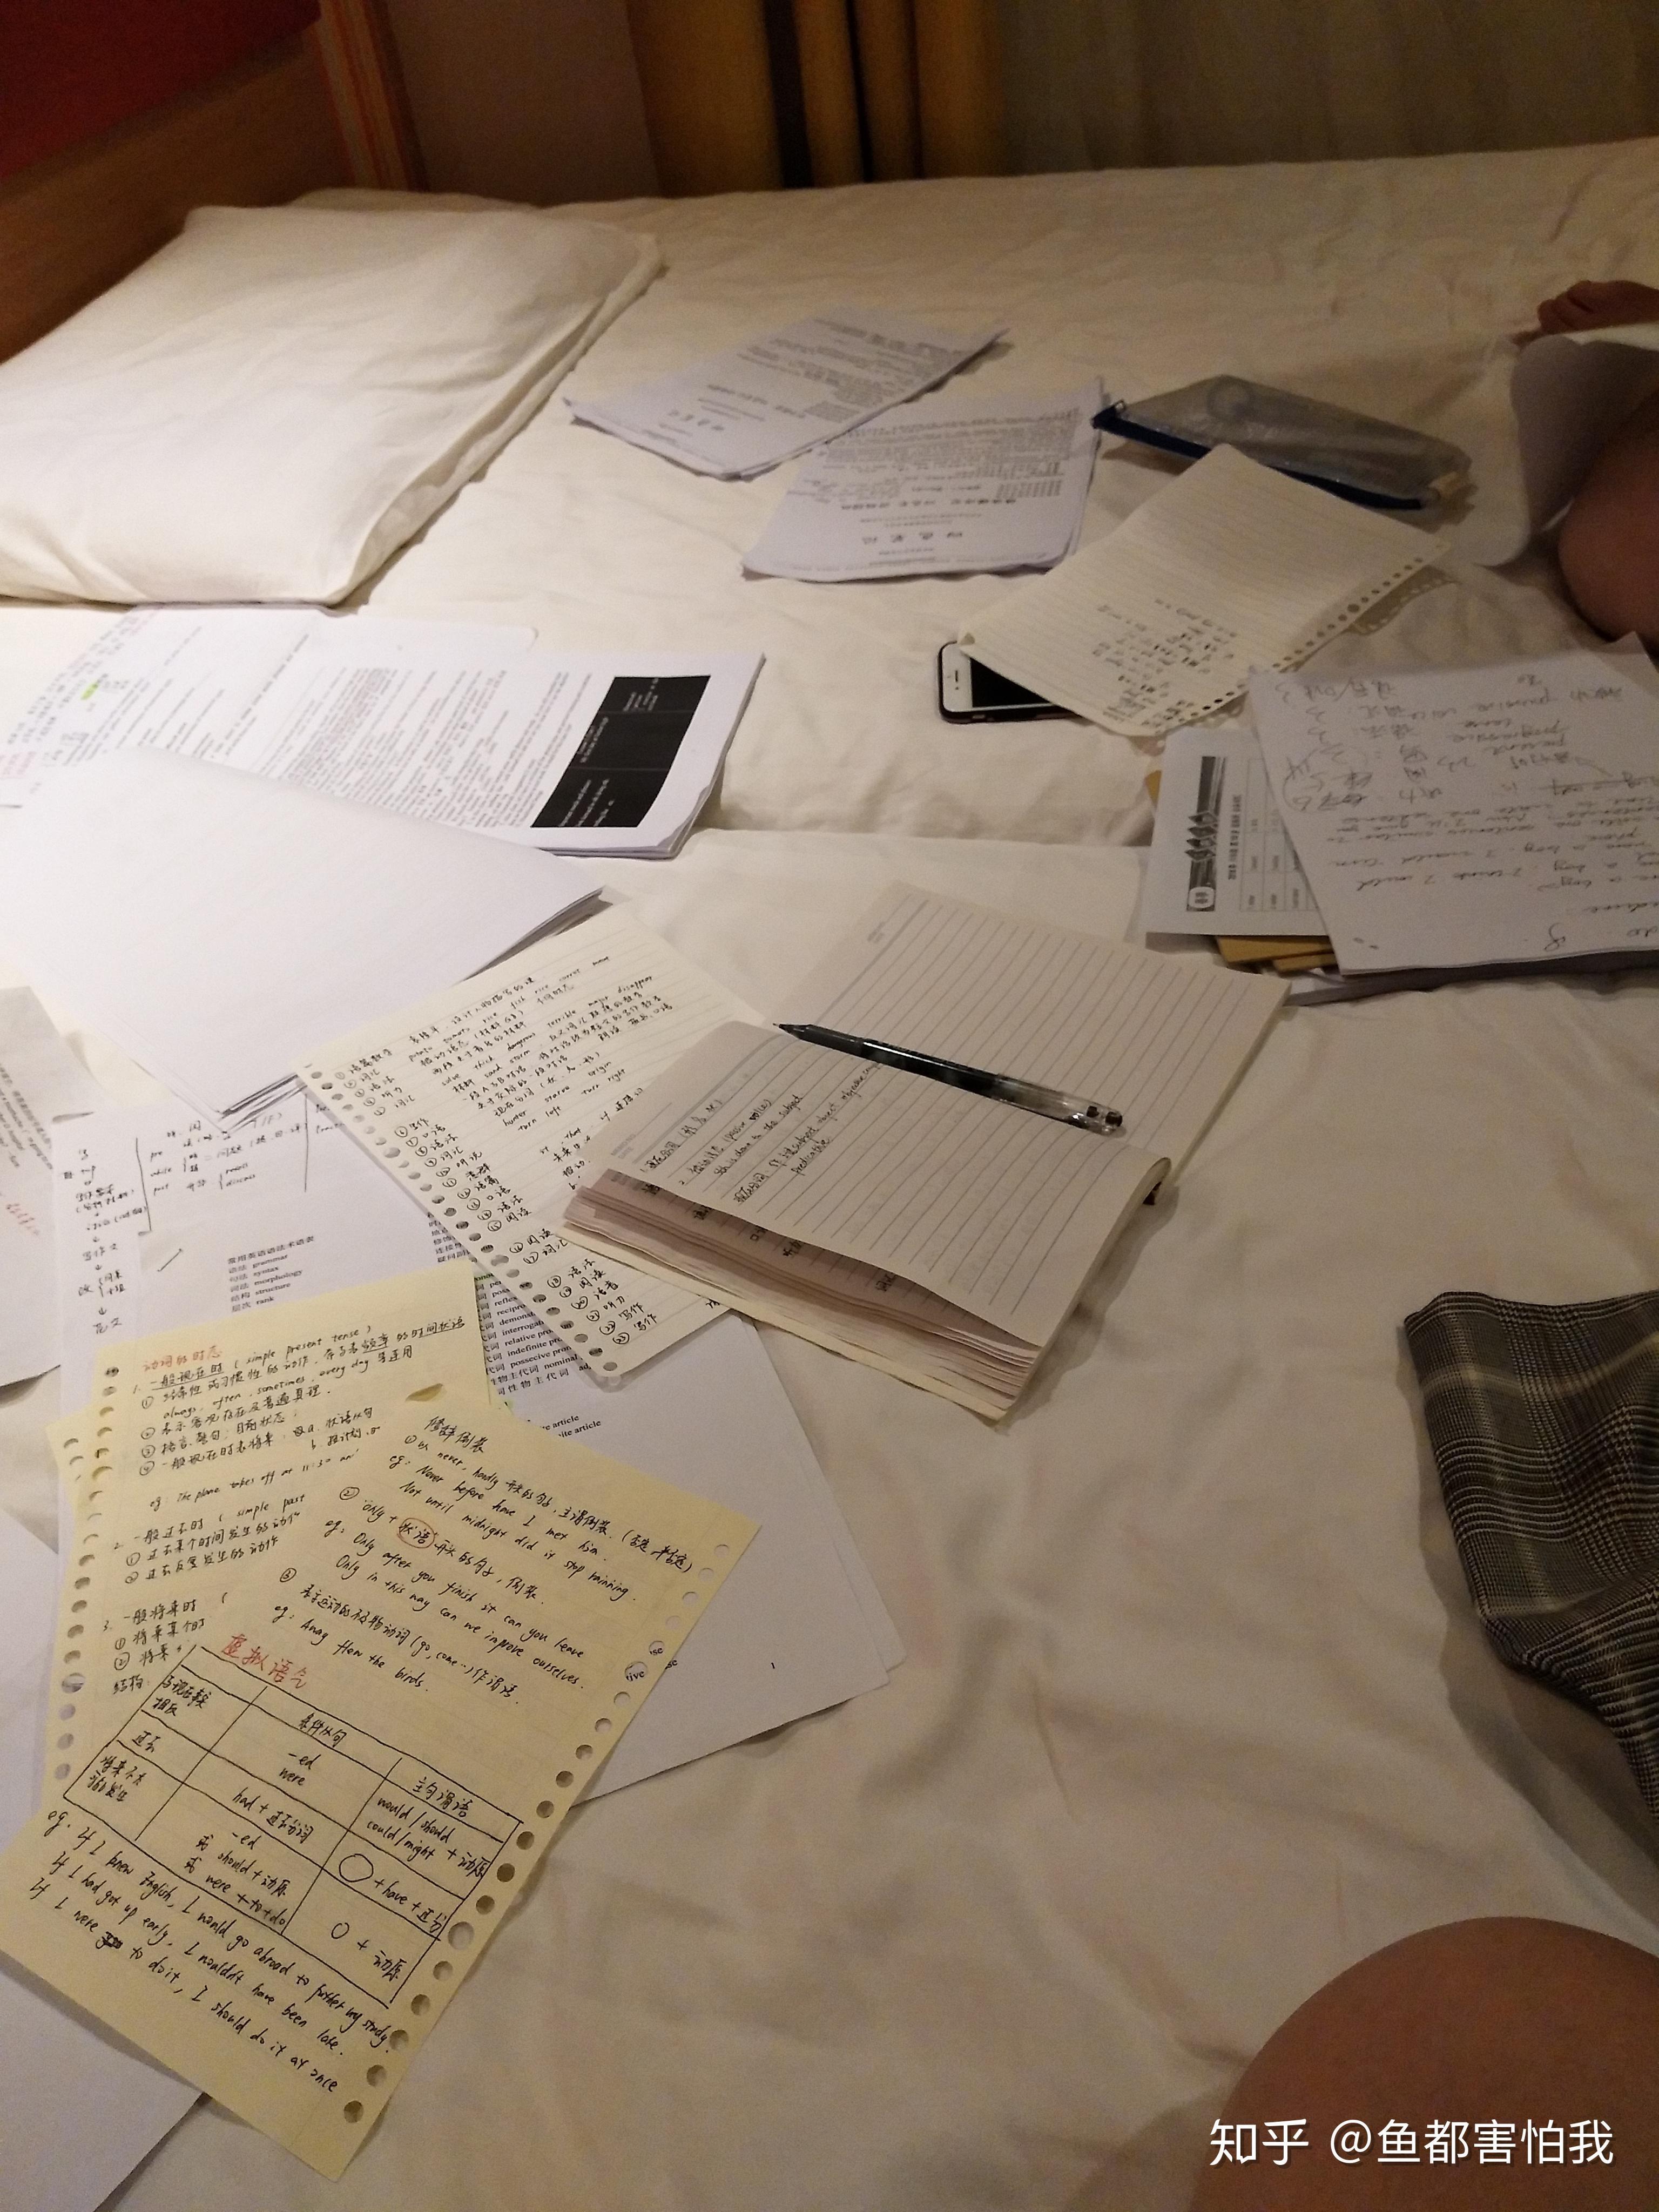 高中英语城区资格证高中分享哈尔滨市教师经验v城区阿图片